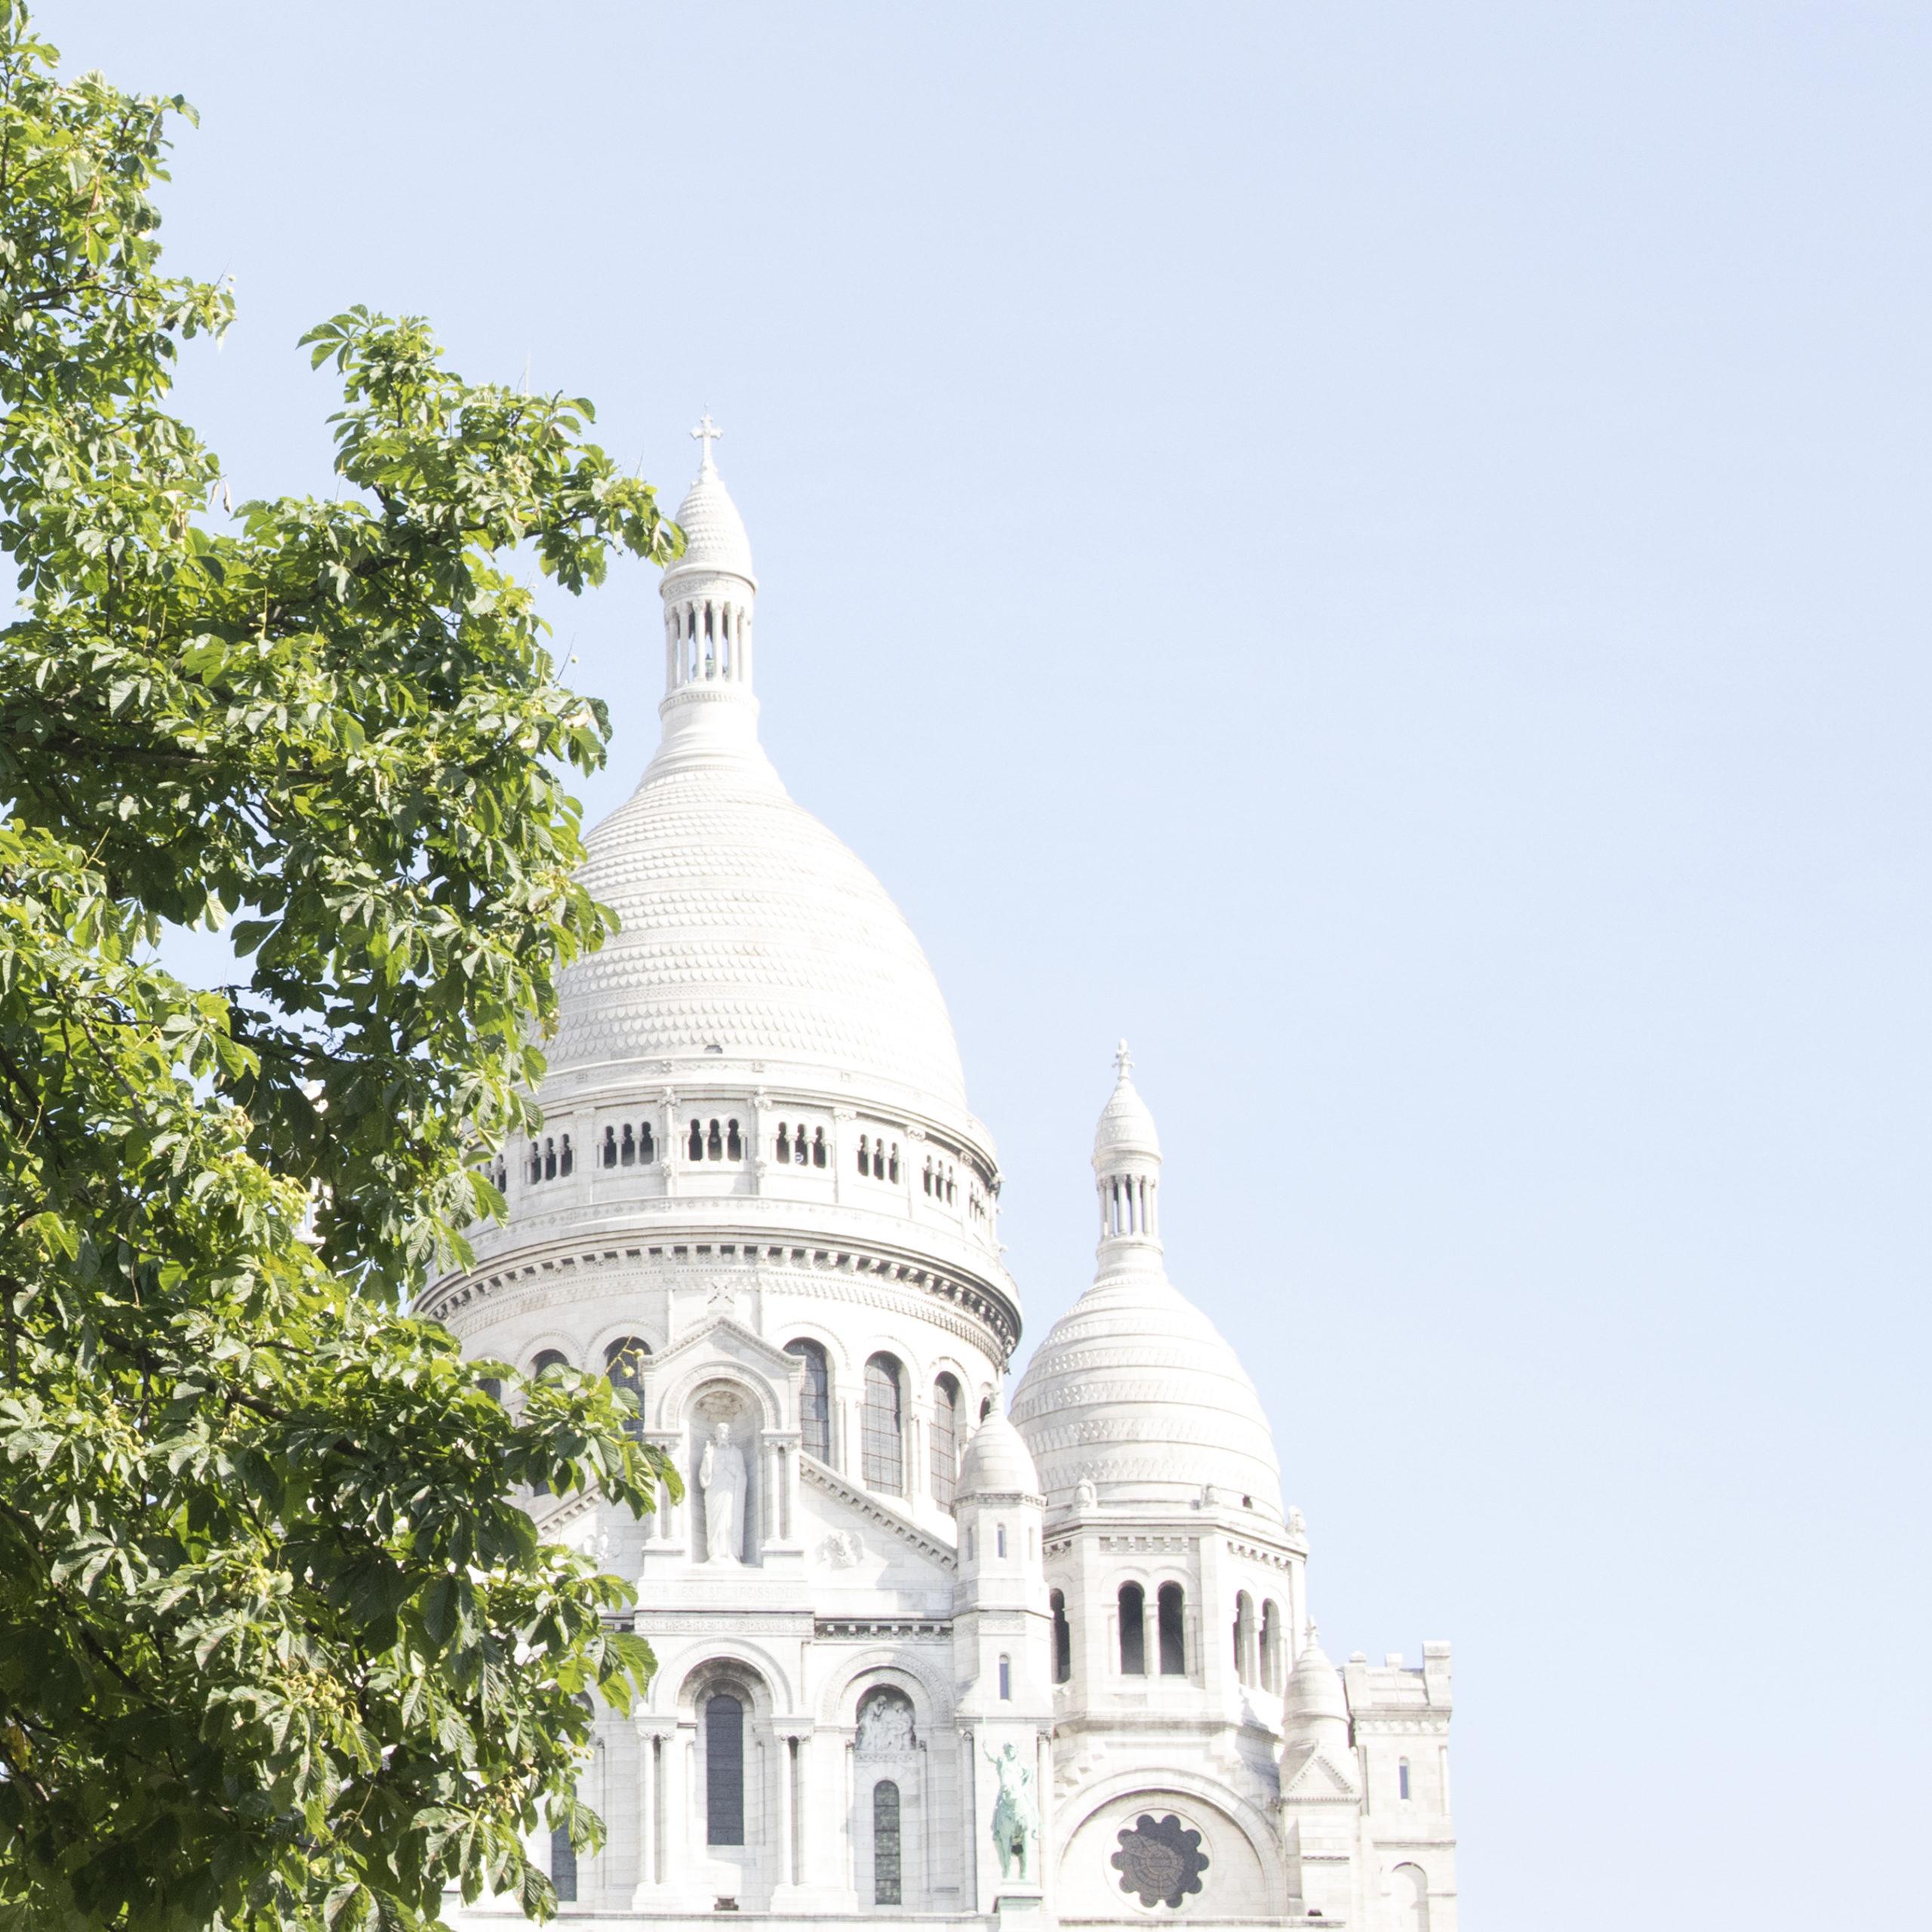 Montmartre, Sacré-Coeur, Paris